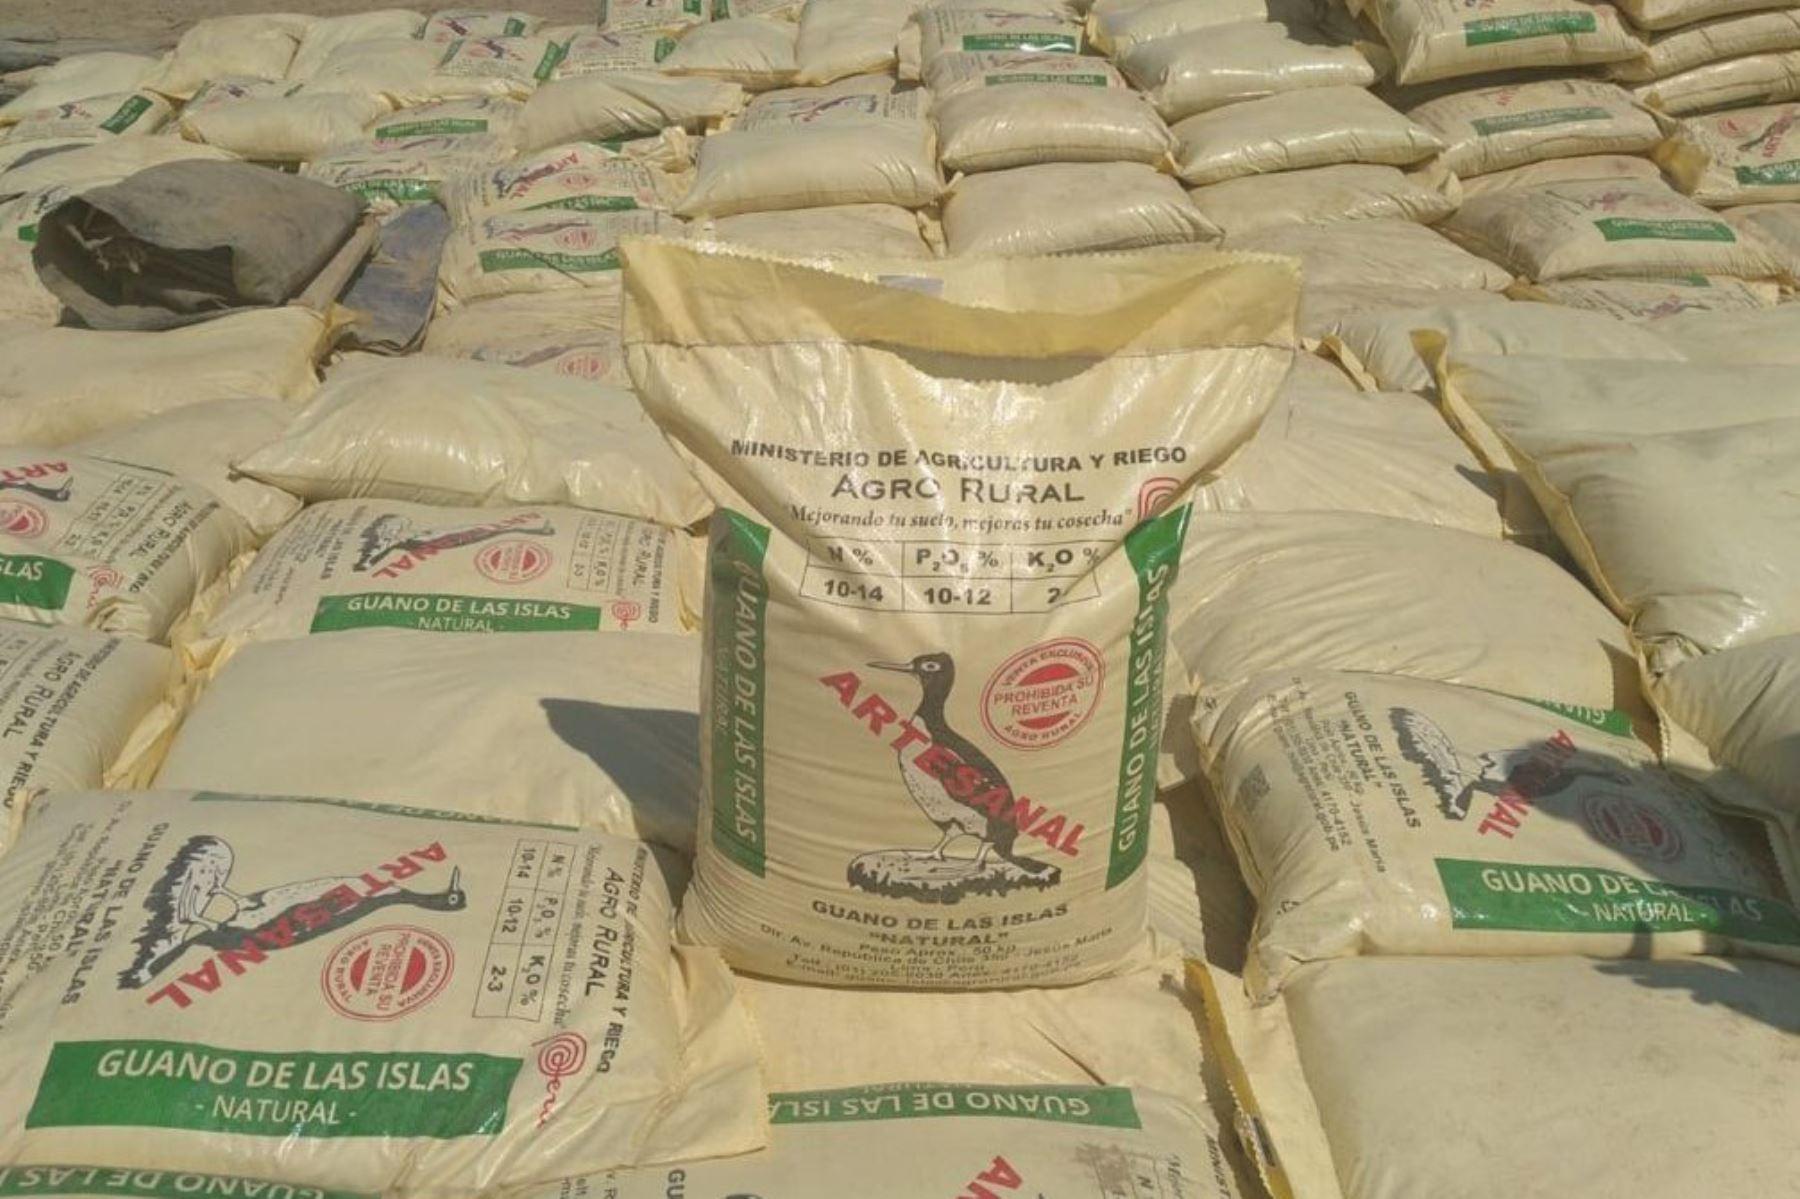 guano-de-las-islas-recibe-certificacion-organica-para-agroexportacion-a-ee-uu-y-europa